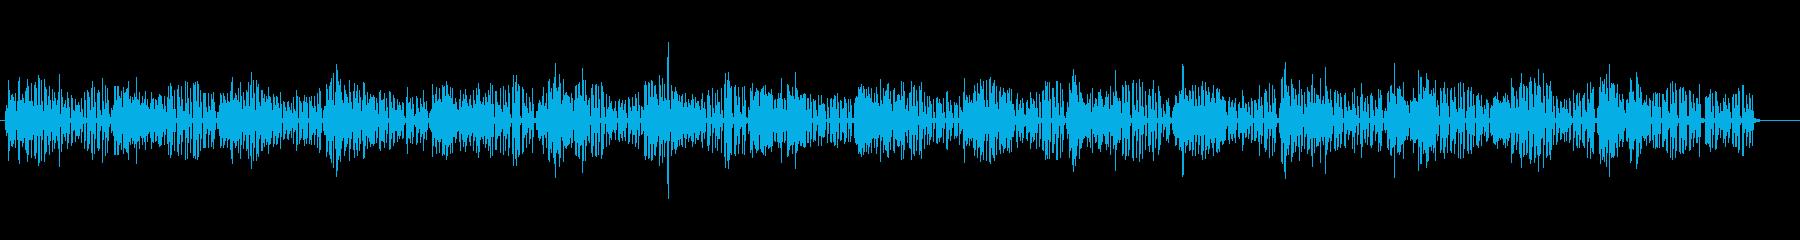 危機感を感じるテクノサウンドの再生済みの波形